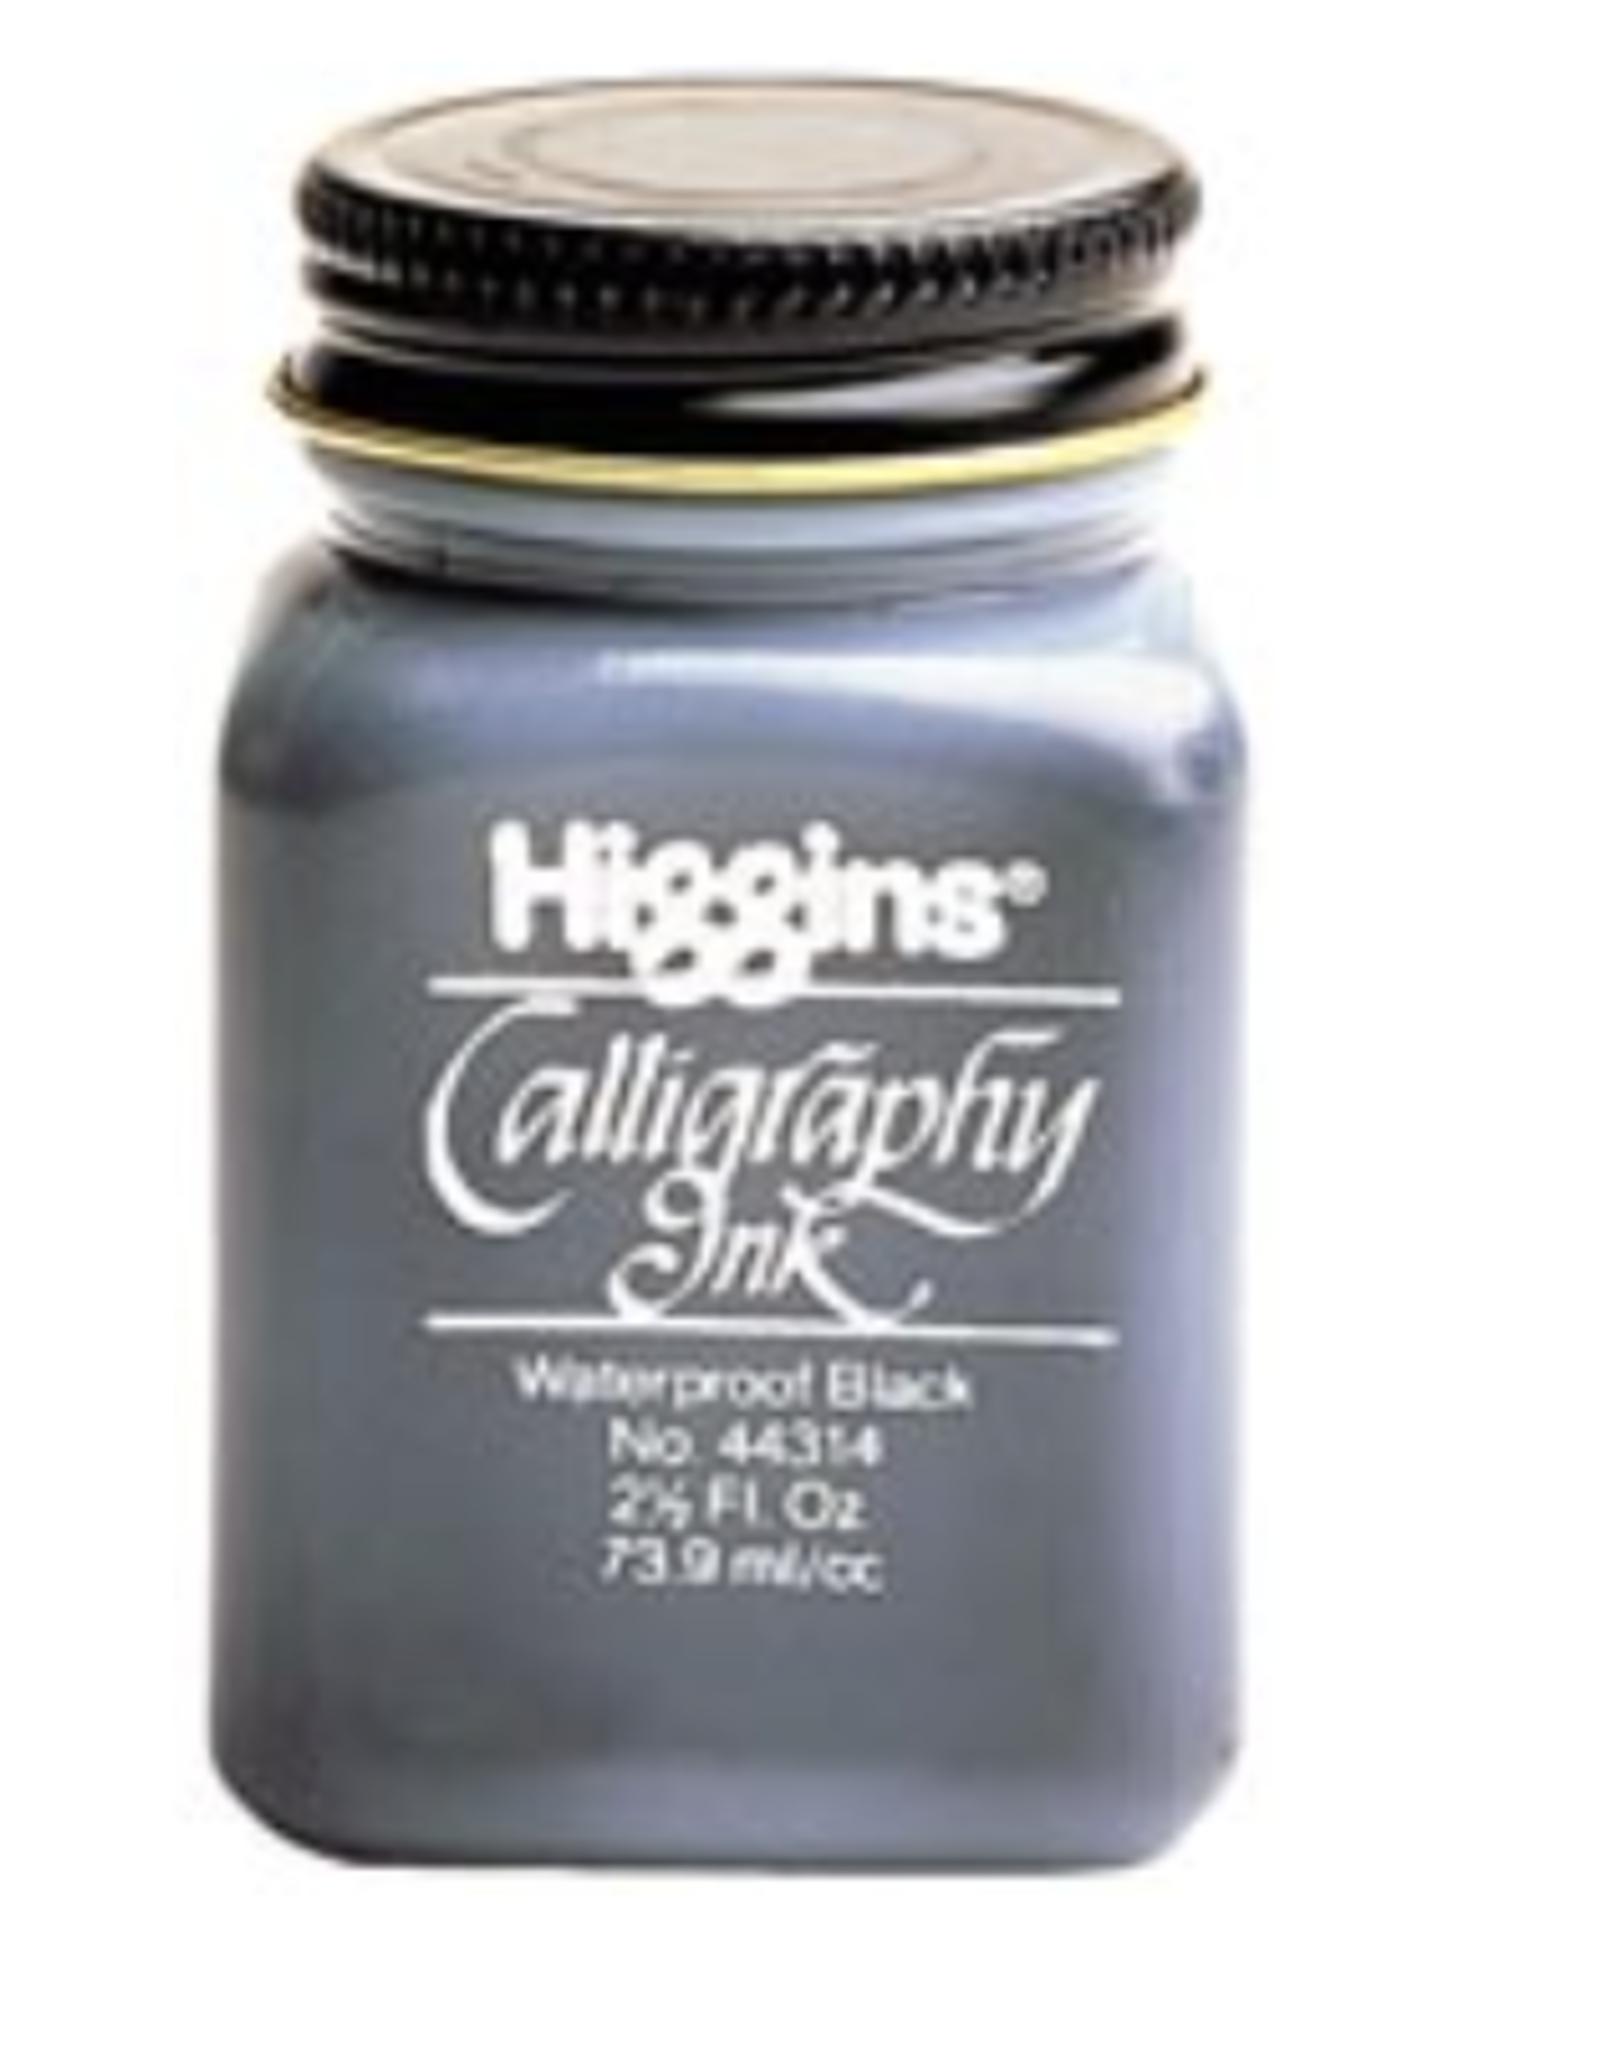 Higgins Calligraphy Waterproof Sepia Ink, 2.5oz